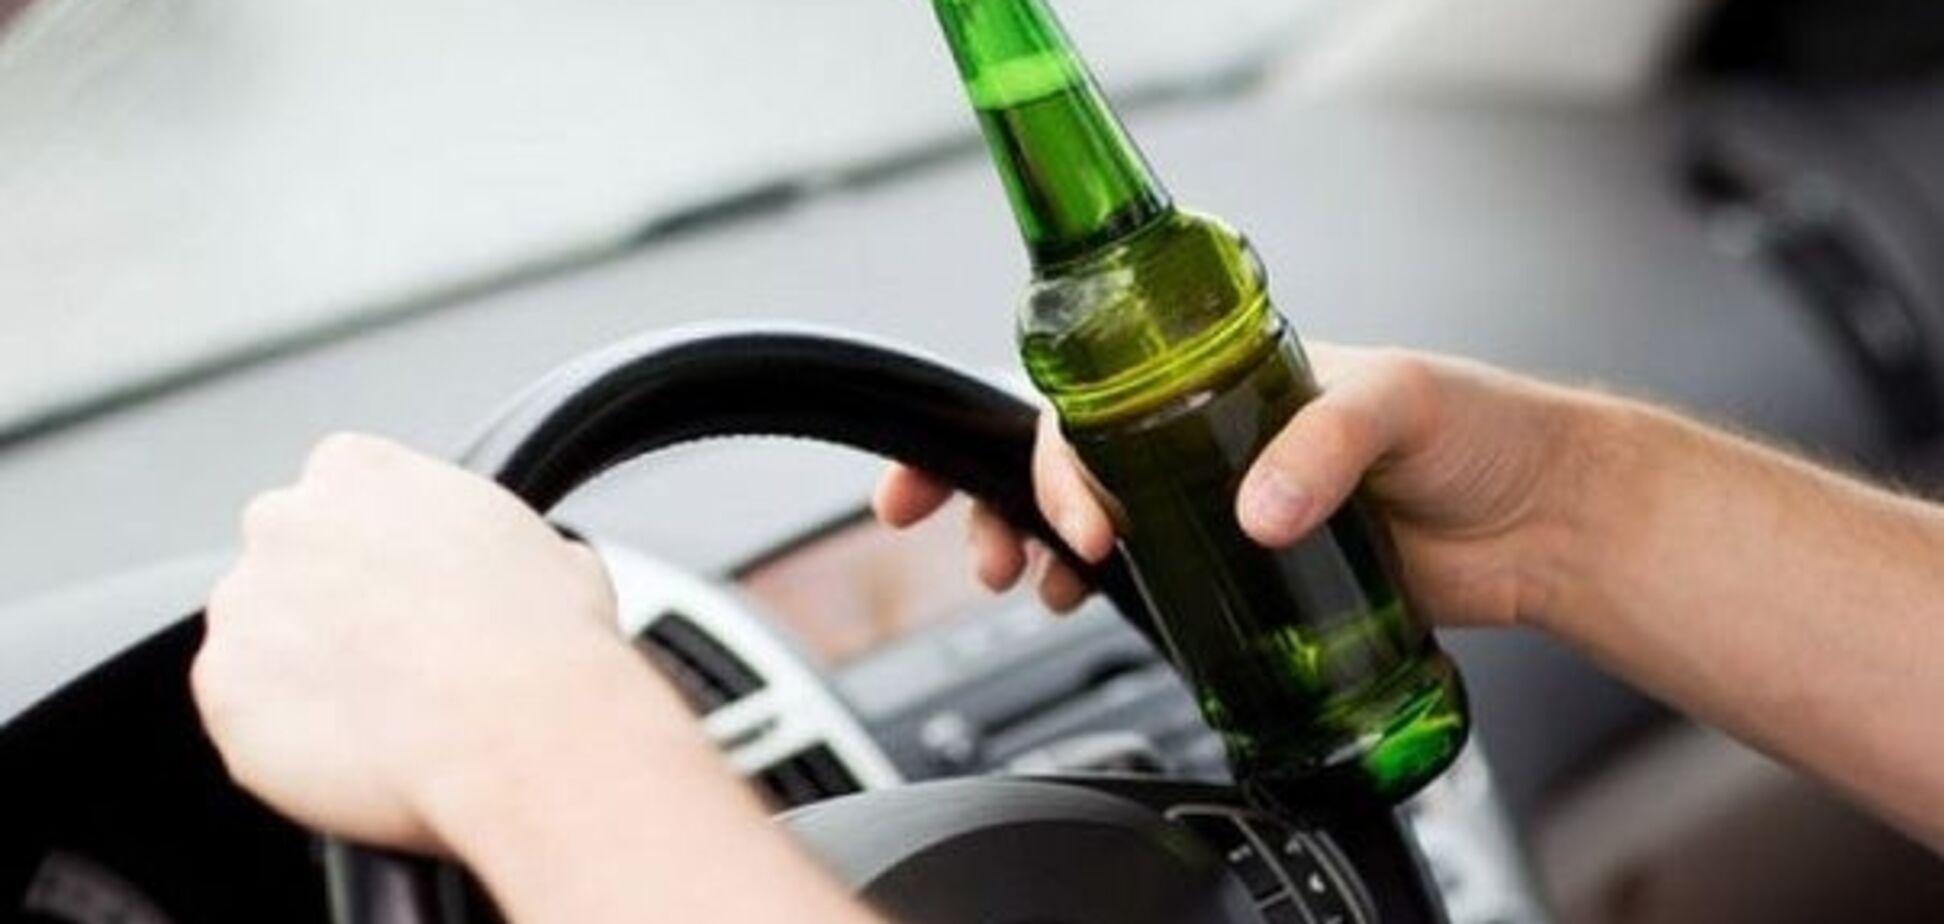 П'яне водіння: на що ви готові піти заради збереження тисяч життів українців?